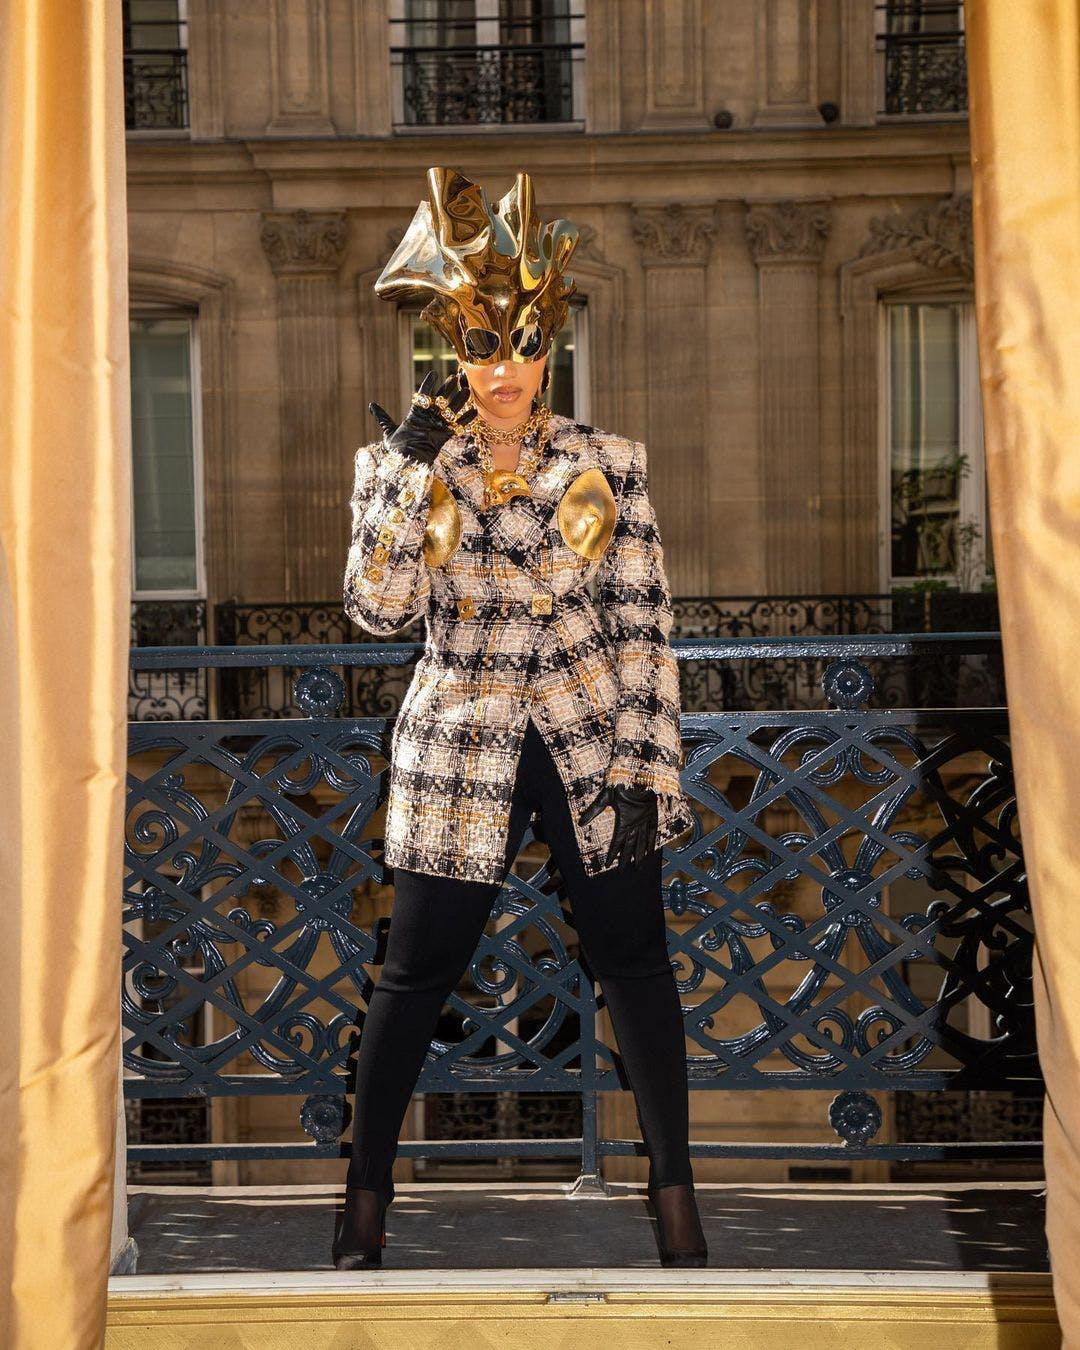 Zendaya lăng xê xu hướng đem tác phẩm điêu khắc lên quần áo - ảnh 2